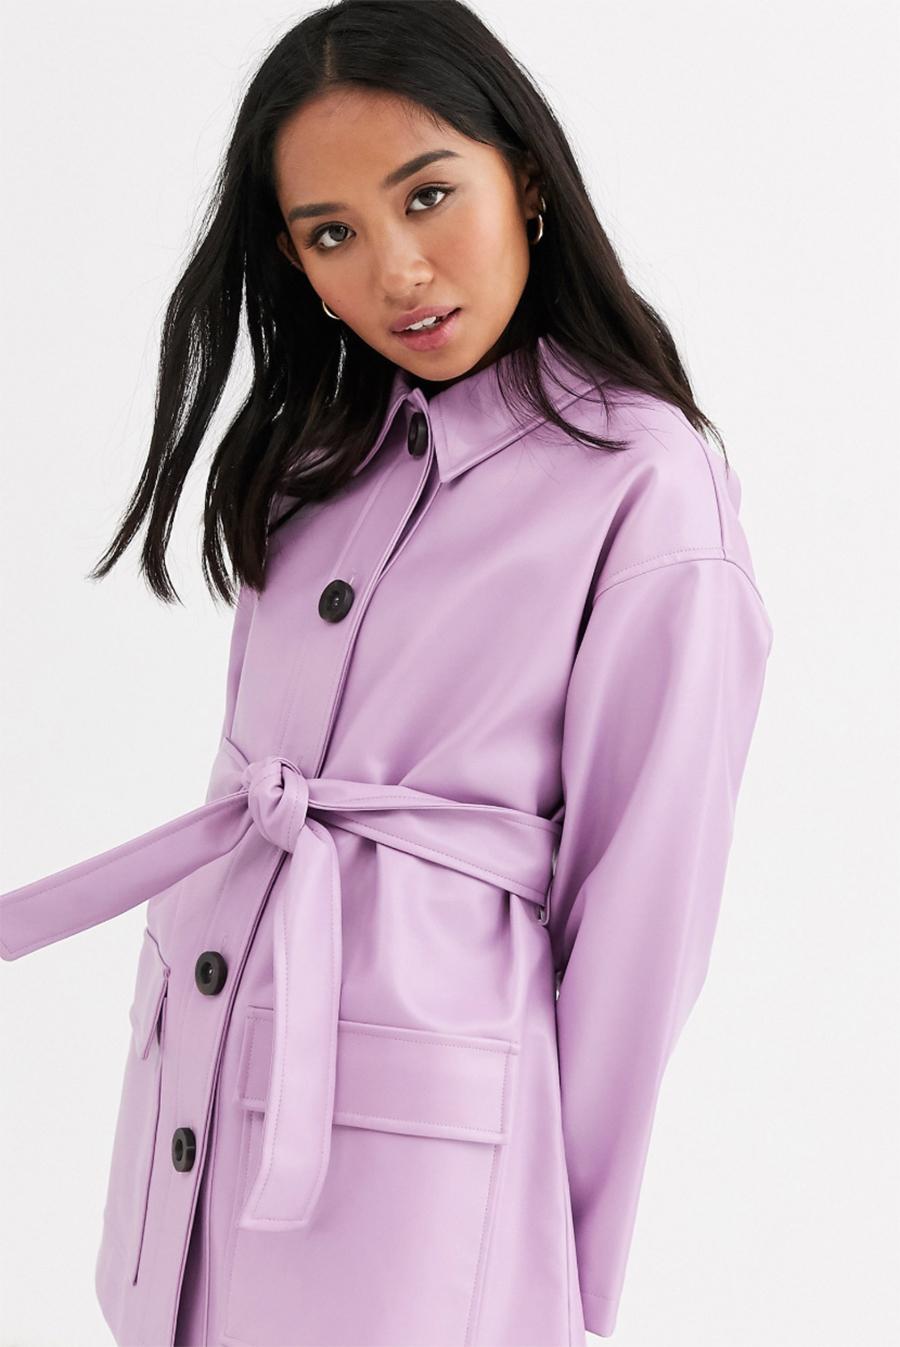 Chaqueta con cinturón y botones de cuero sintético en lila de ASOS DESIGN Petite